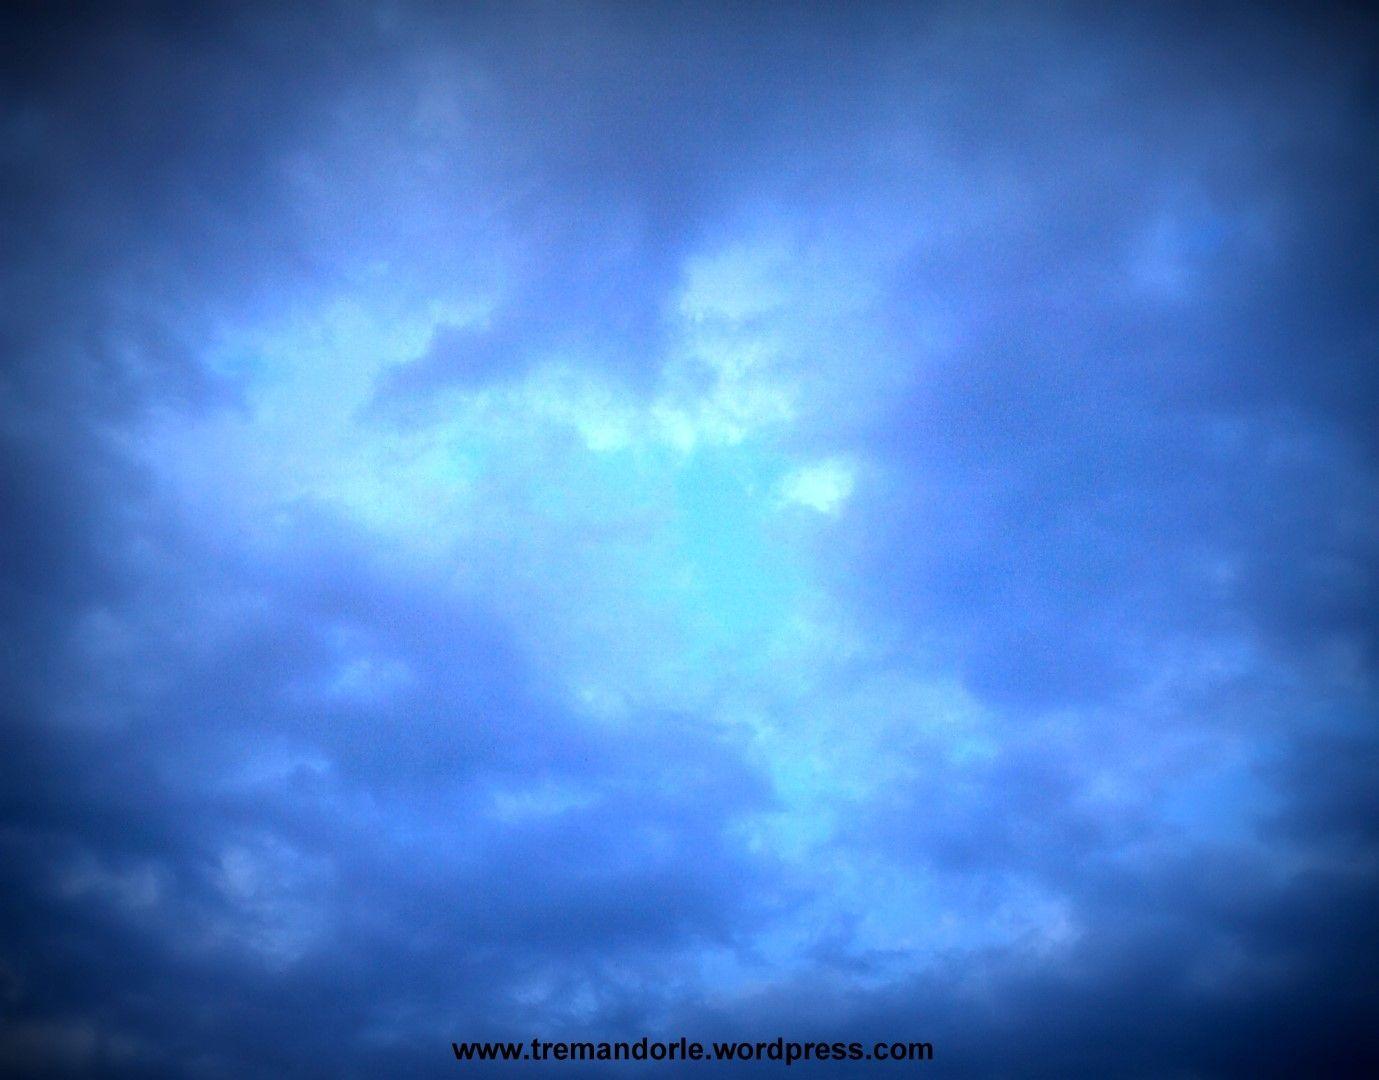 Io cerco conforto nel cielo. E la luce mi avvolgerà.